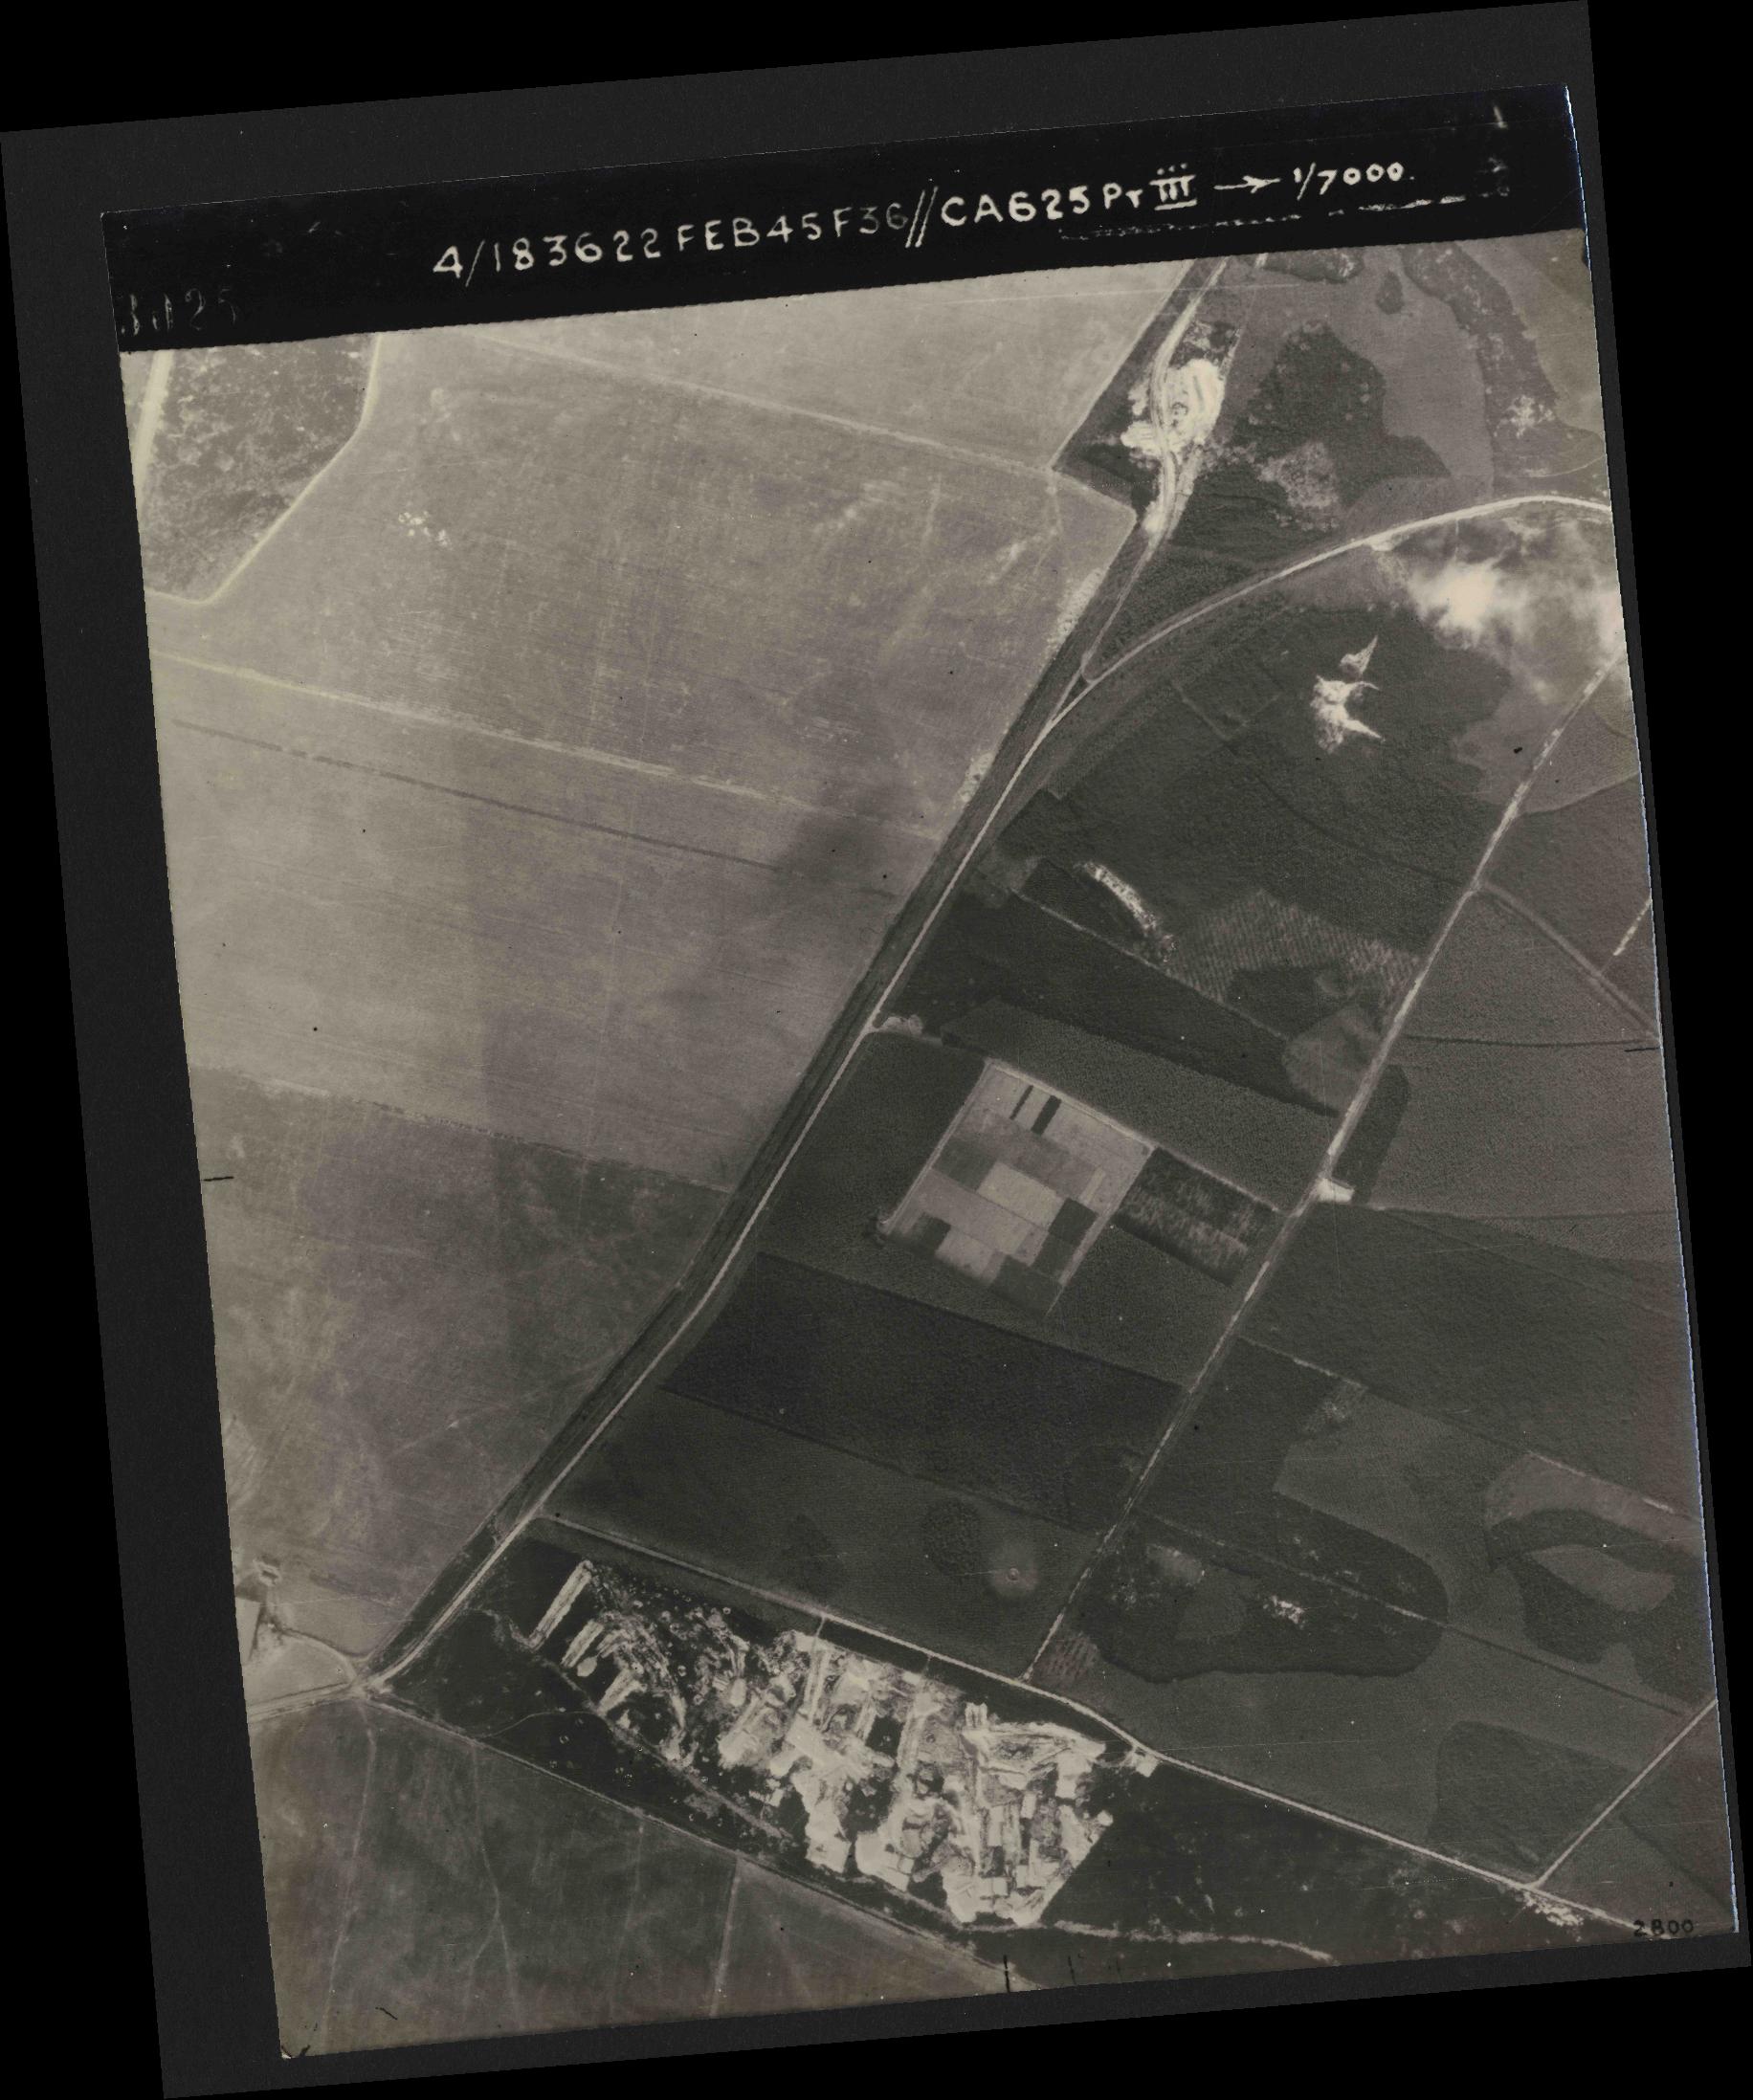 Collection RAF aerial photos 1940-1945 - flight 204, run 01, photo 3025